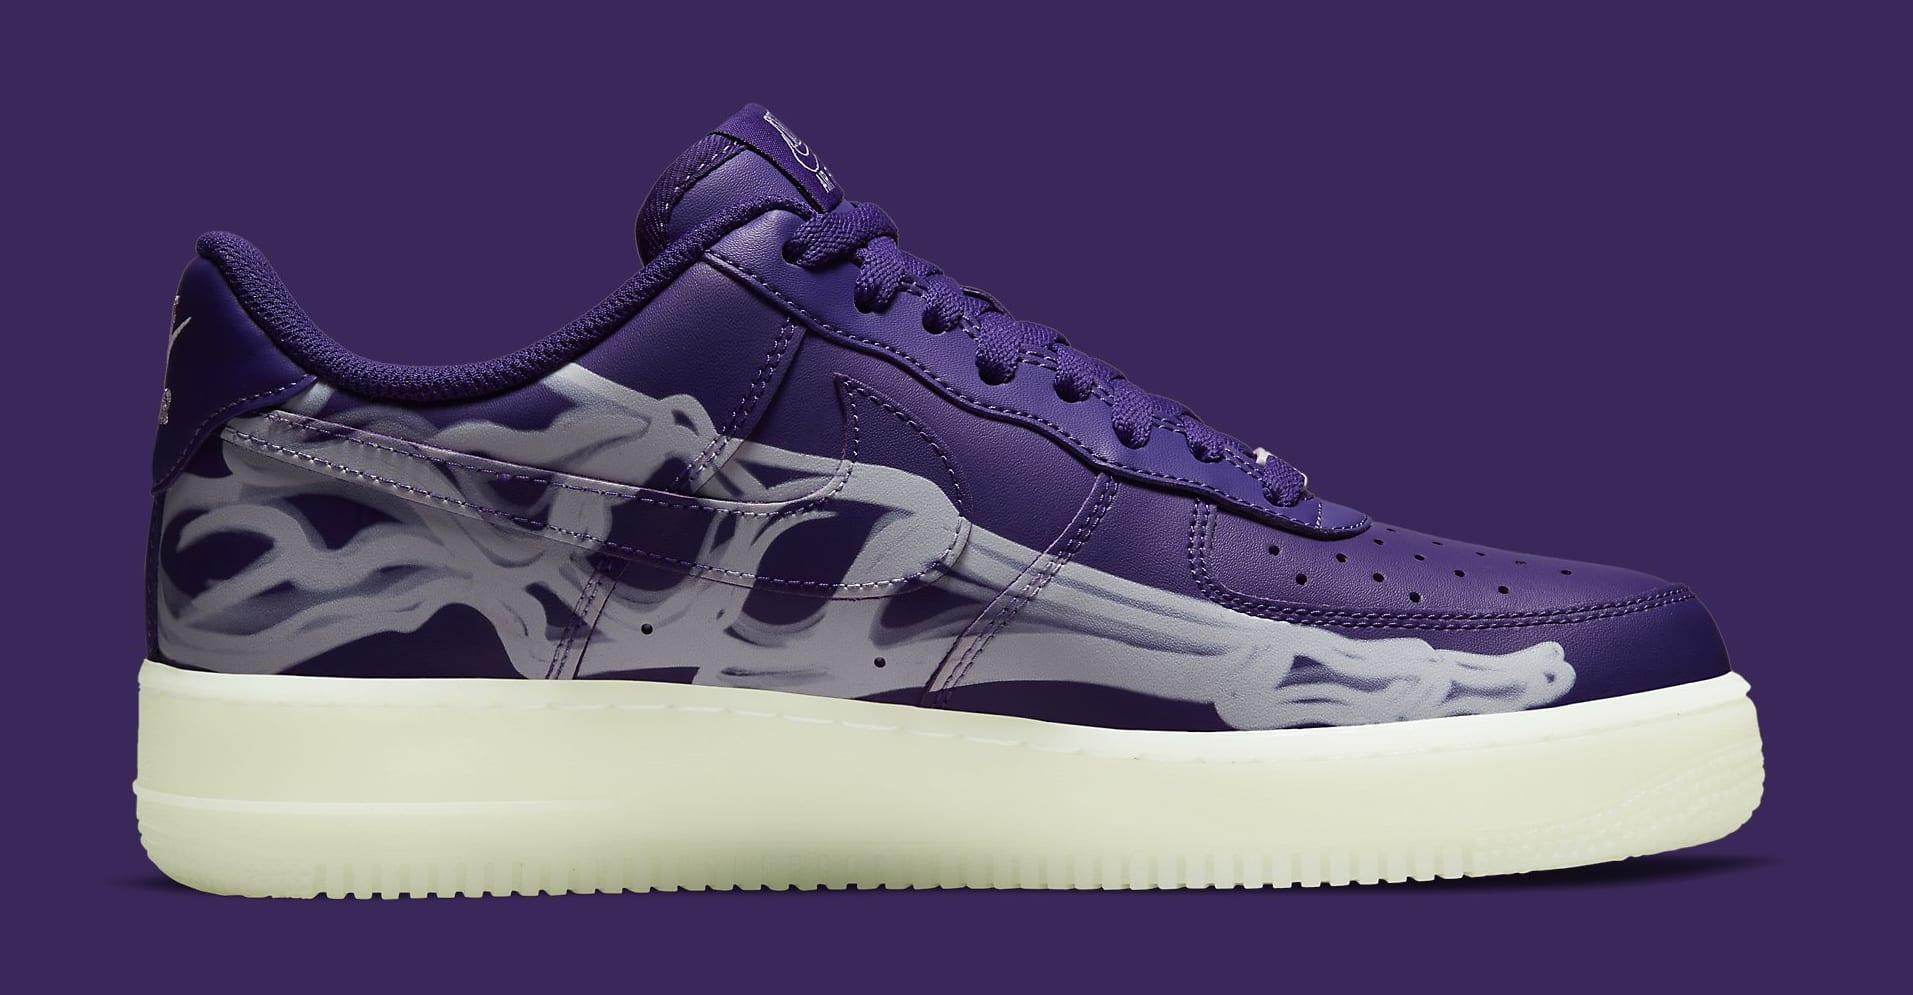 Nike Air Force 1 Low 'Purple Skeleton' CU8067-500 Medial